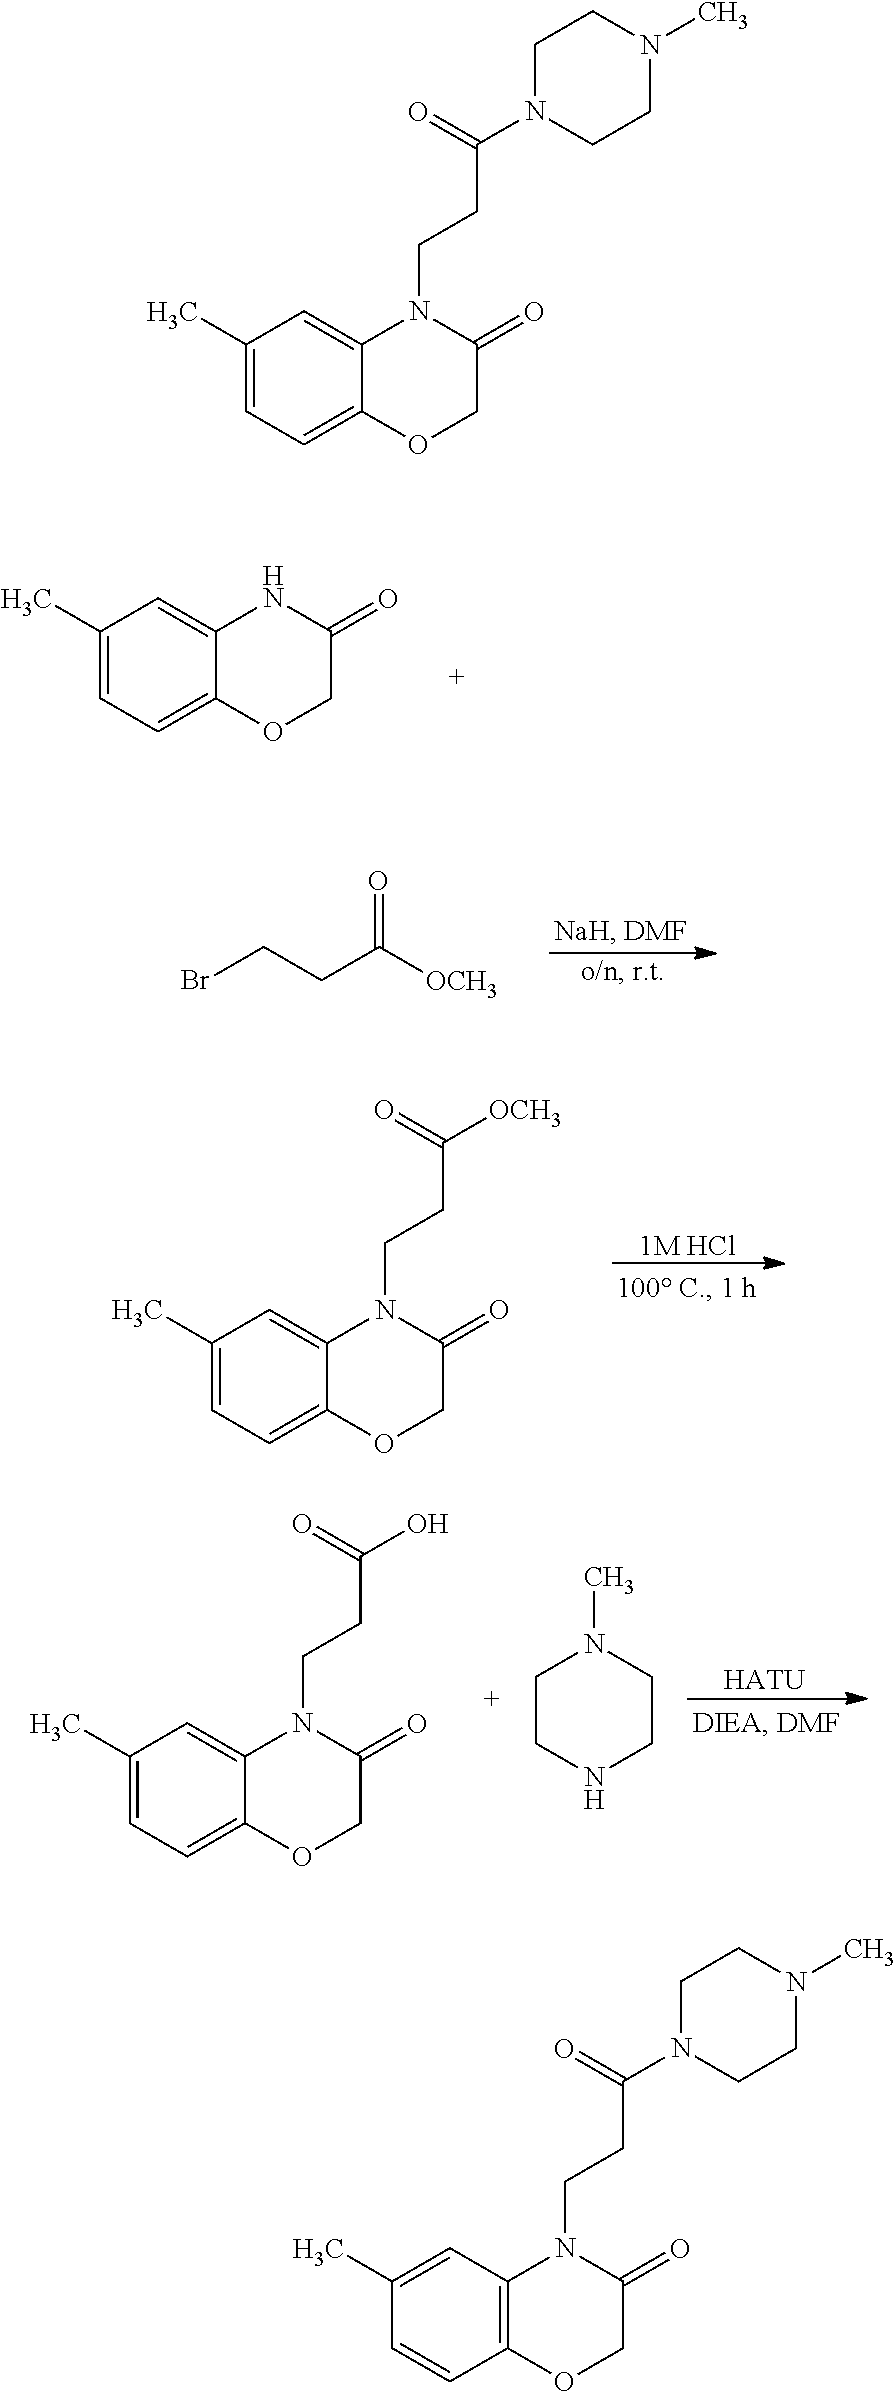 Figure US20190106394A1-20190411-C00105